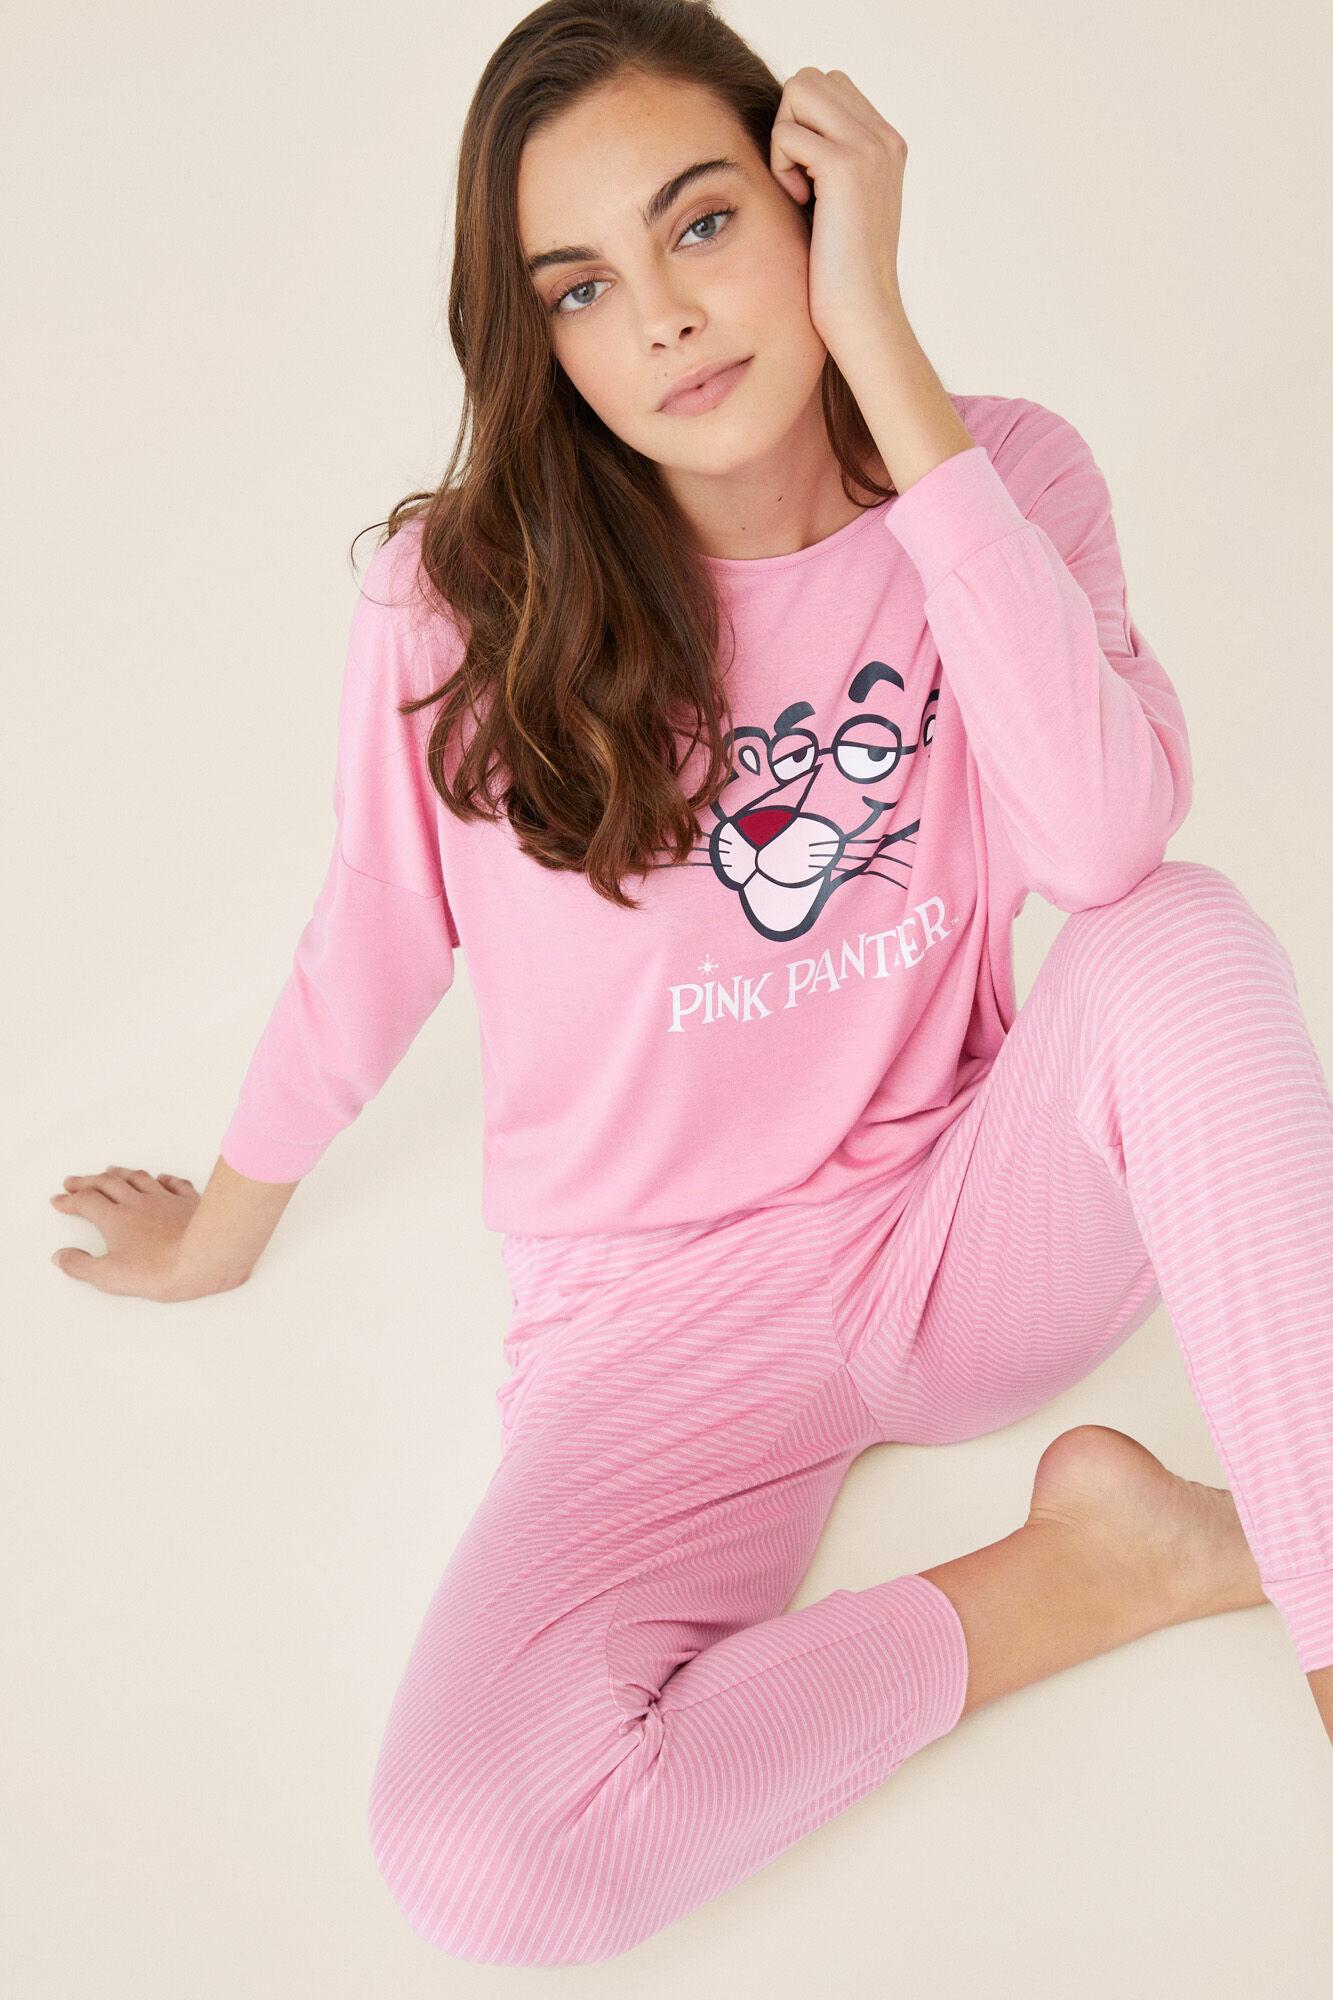 09f33c6cf811 Длинная пижама Розовая Пантера | Длинные пижамы | Women'secret